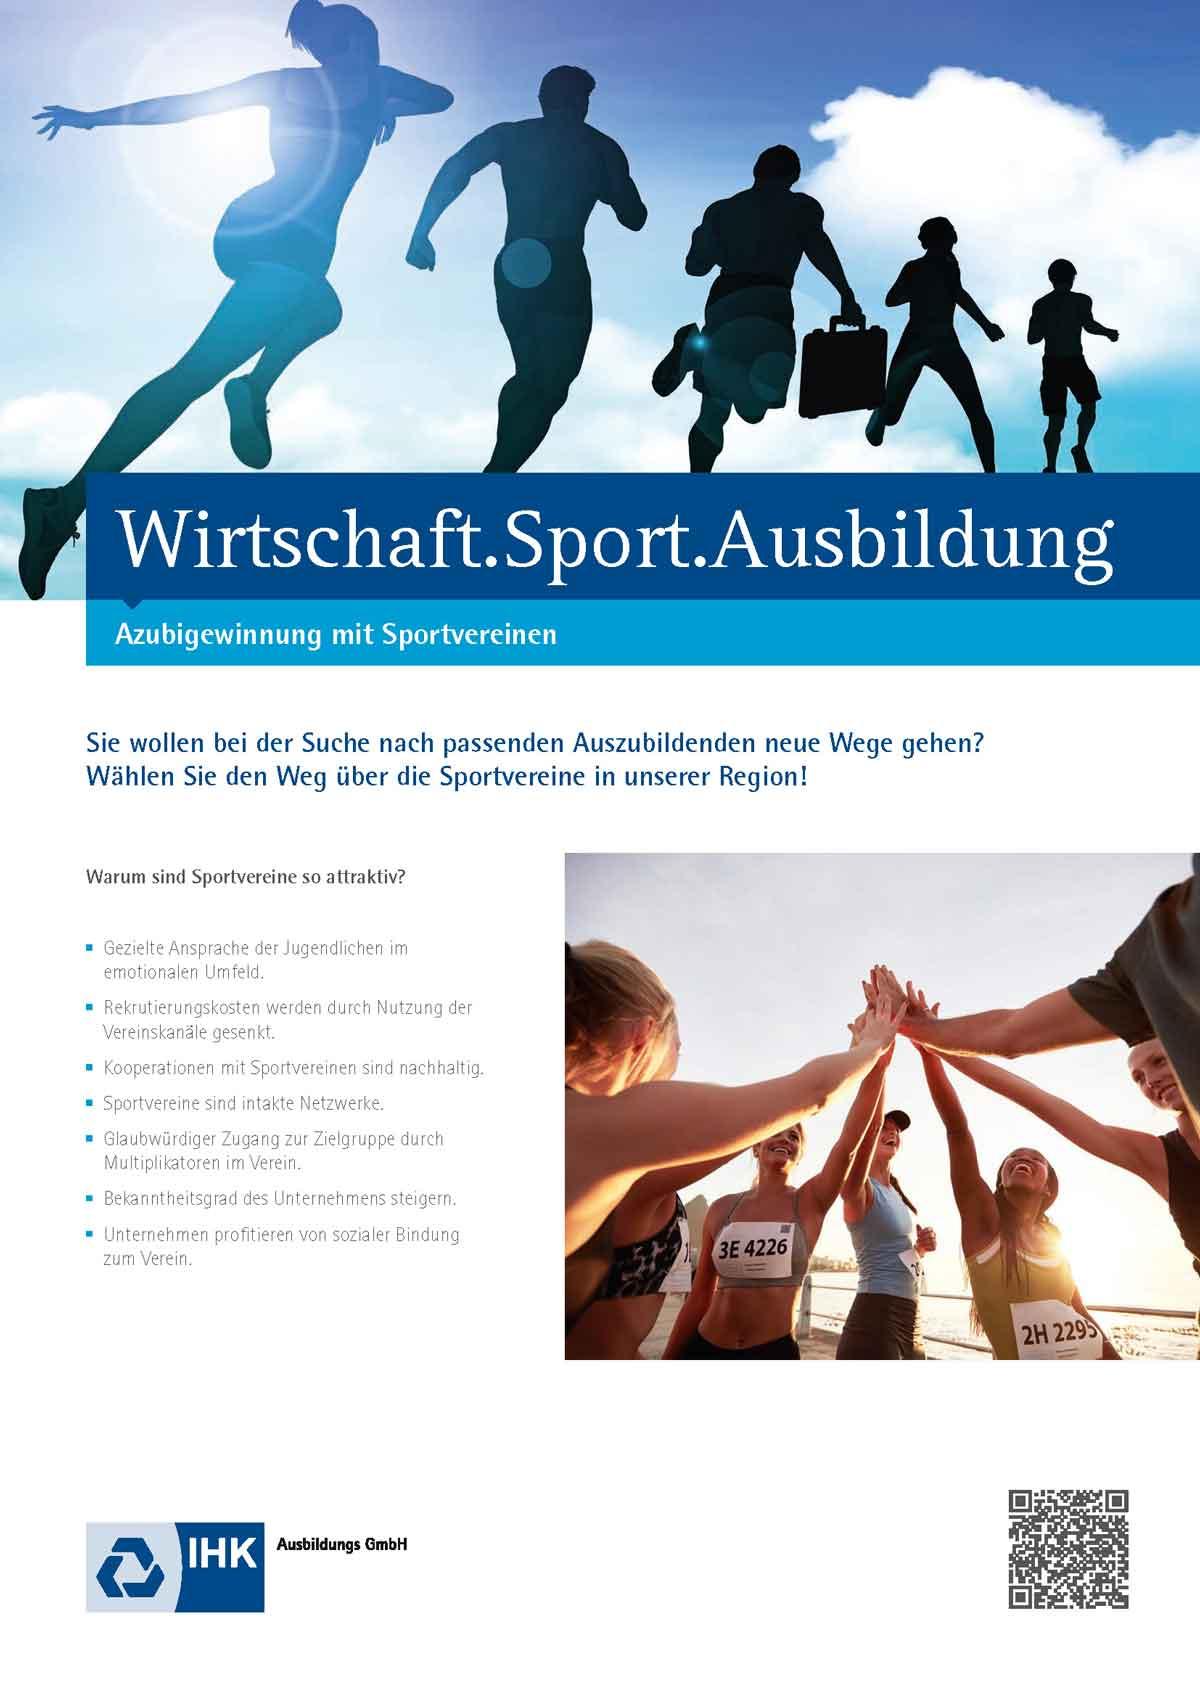 ihk flyer wirtschaft sport ausbildung seite 1